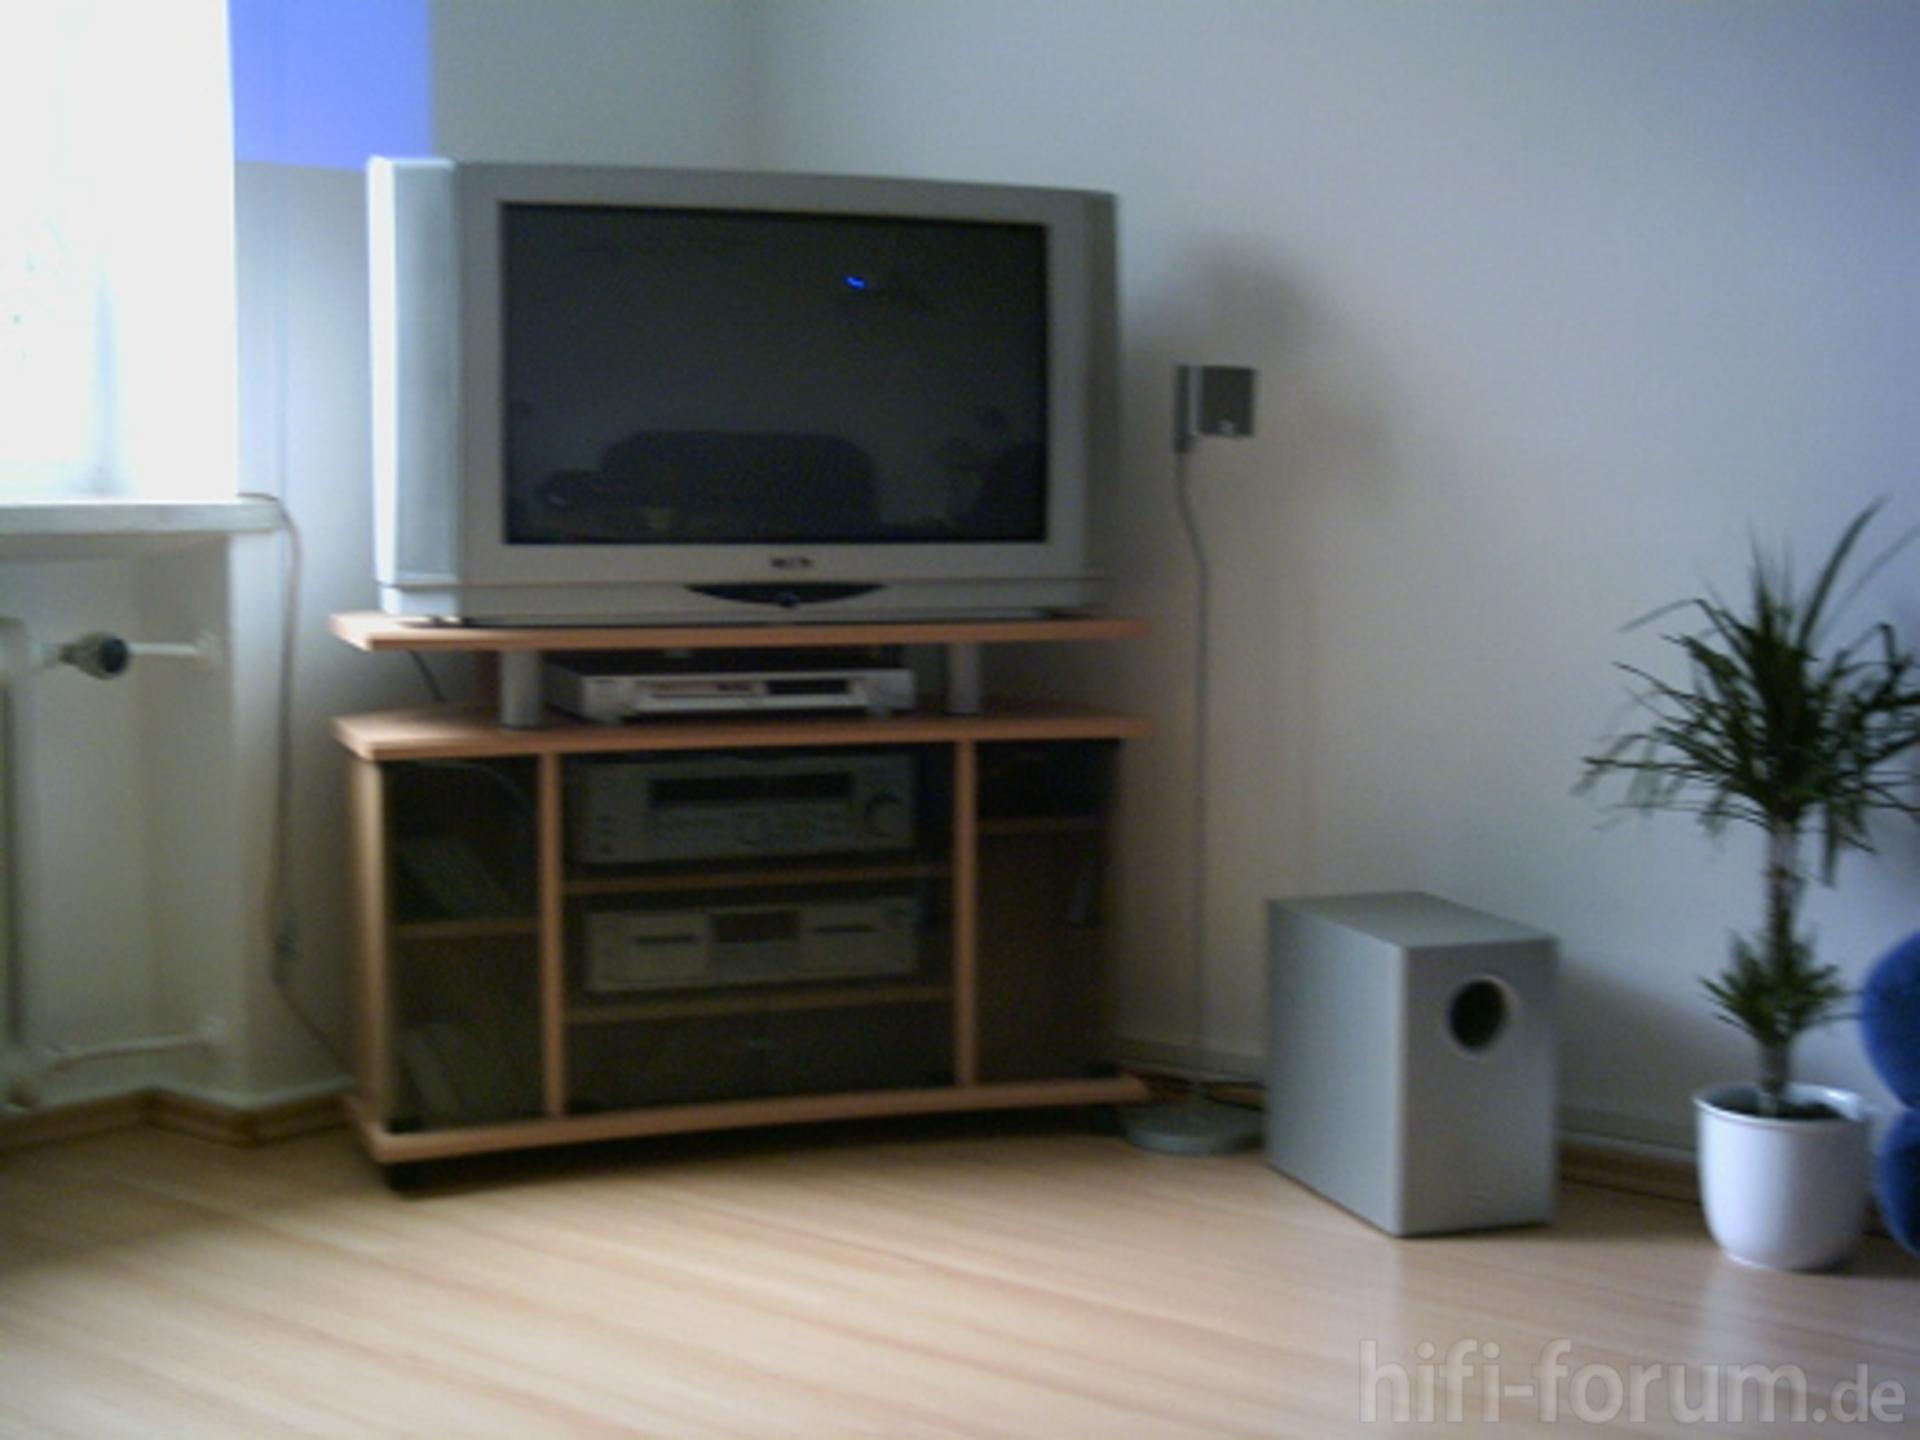 mein fernseher und teil der anlage anlage fernseher heimkino surround teil hifi. Black Bedroom Furniture Sets. Home Design Ideas